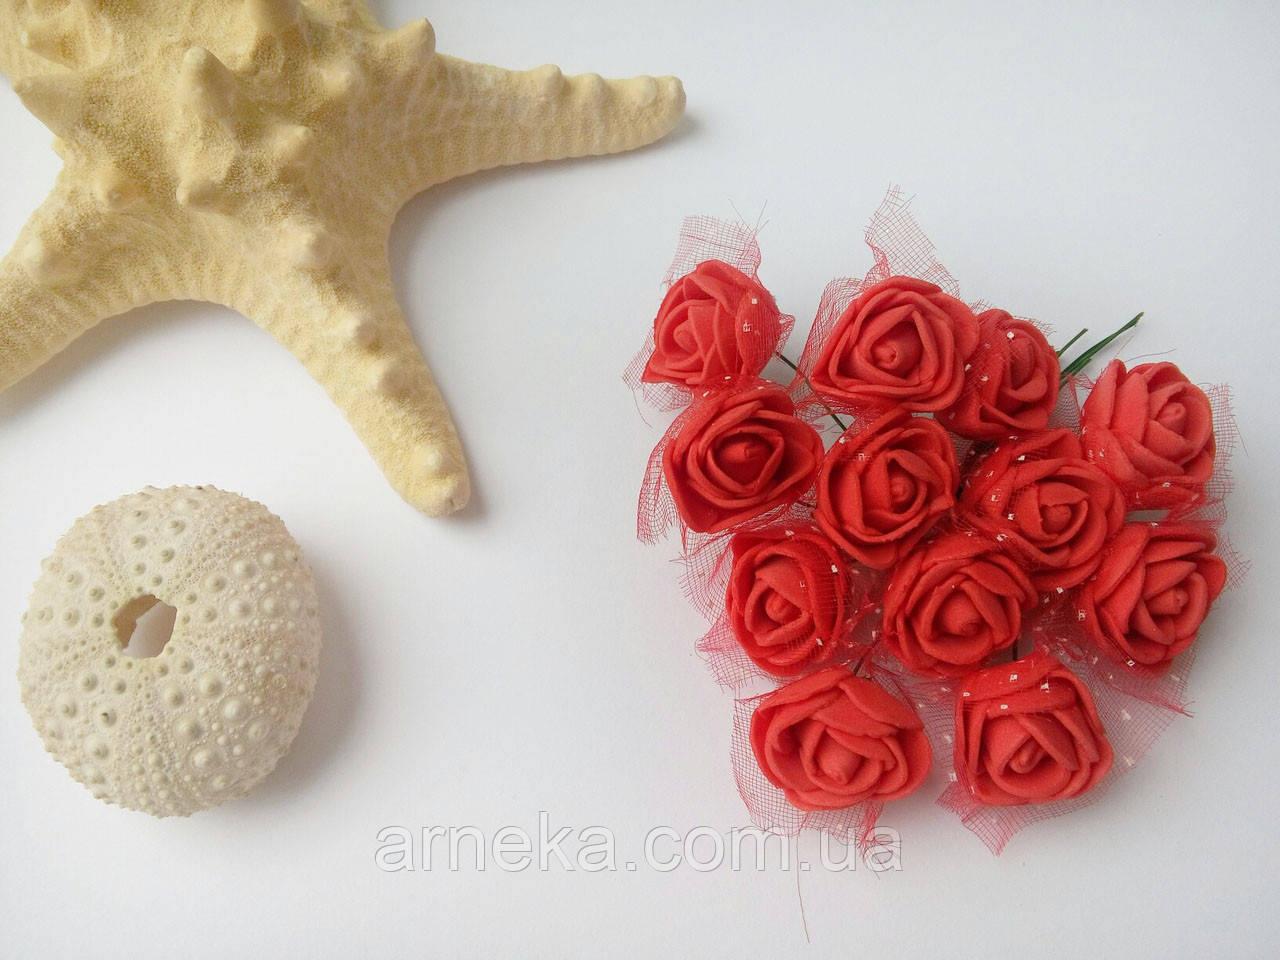 Розы латексные (с фатином) красные